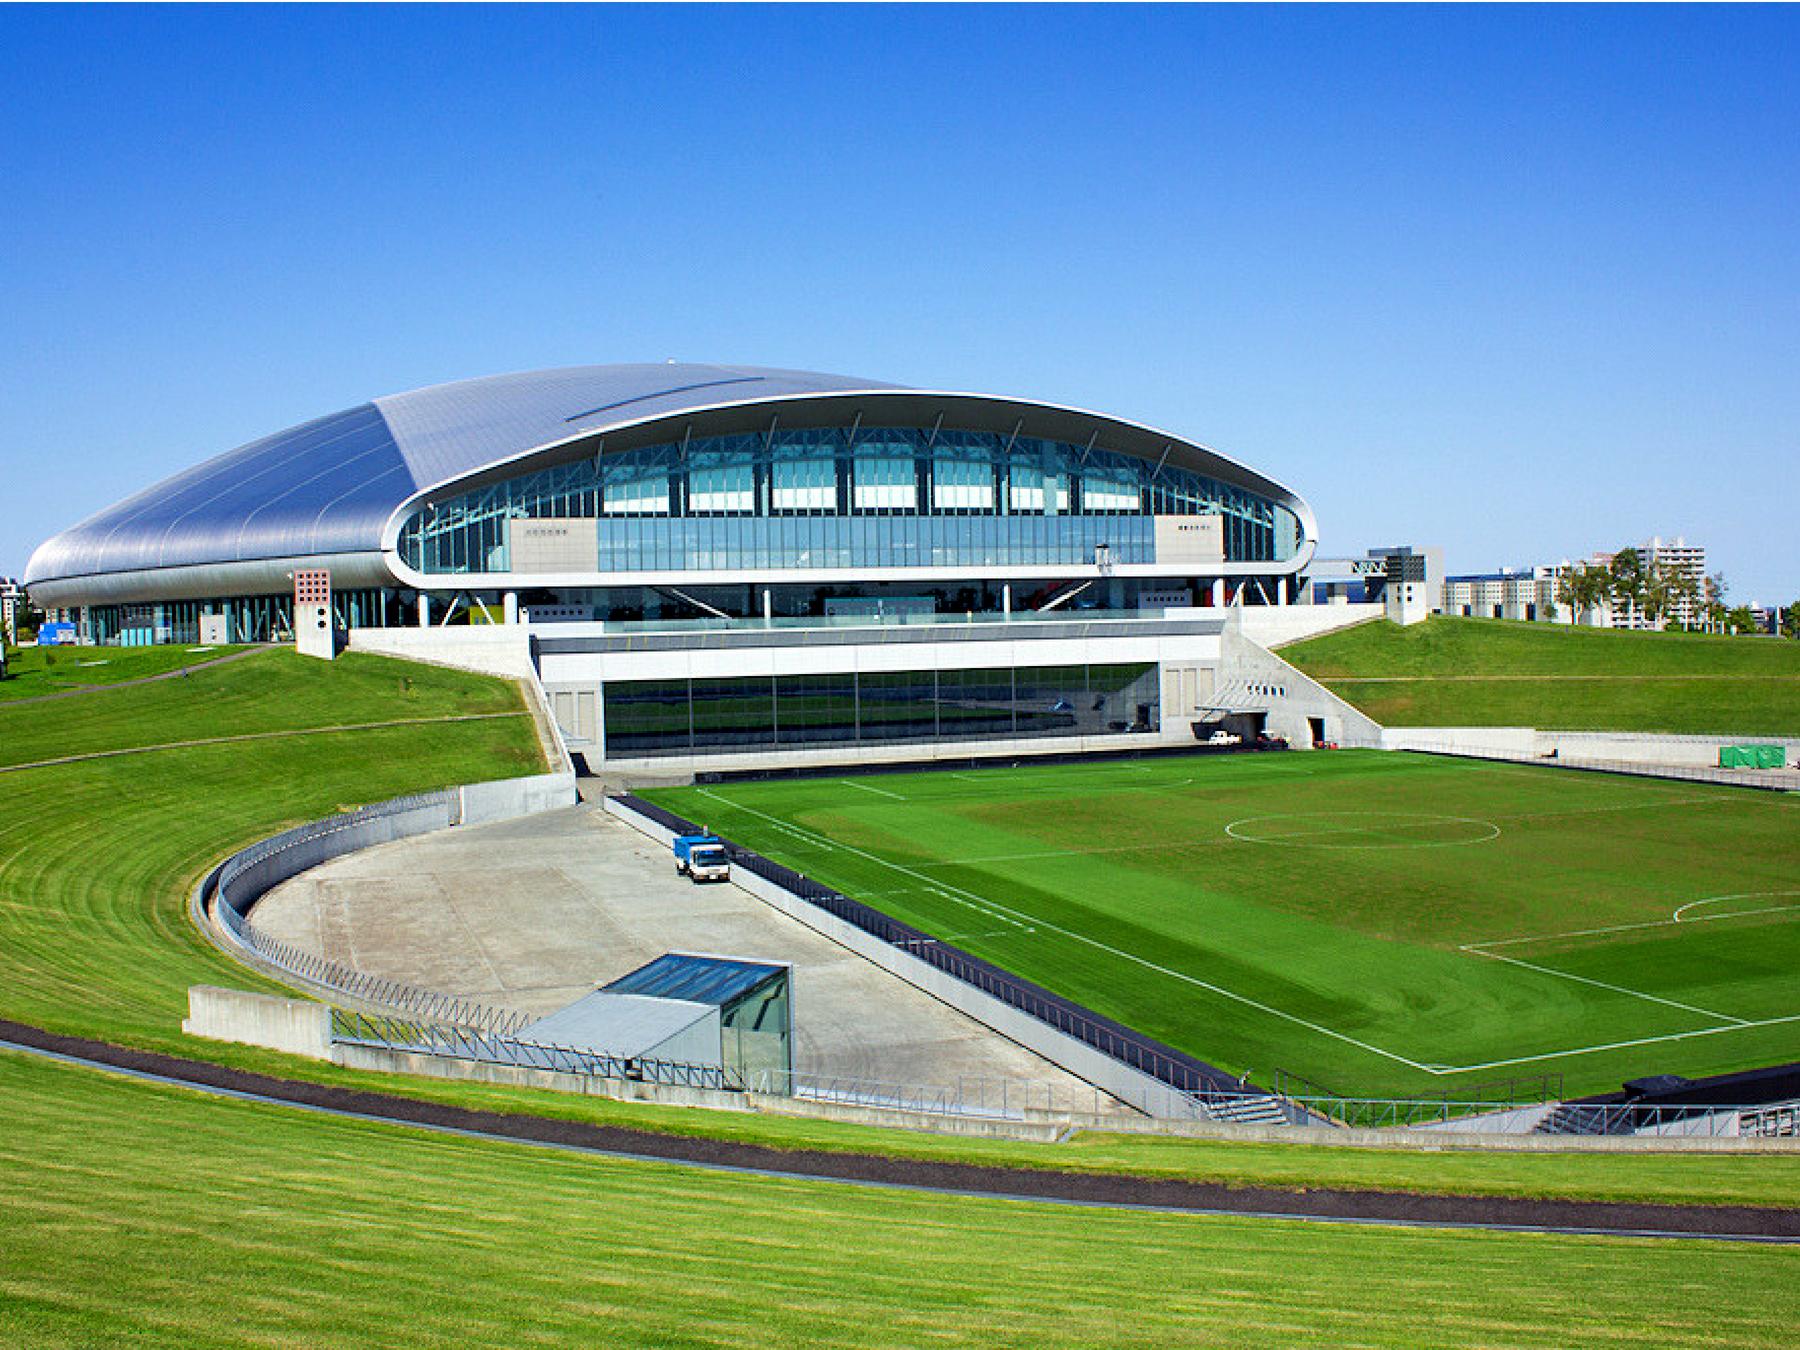 estádios-mais-legais-do-mundo-Calendário-da-copa-saporo Os 20 estádios mais legais do mundo Calendário Copa 2018